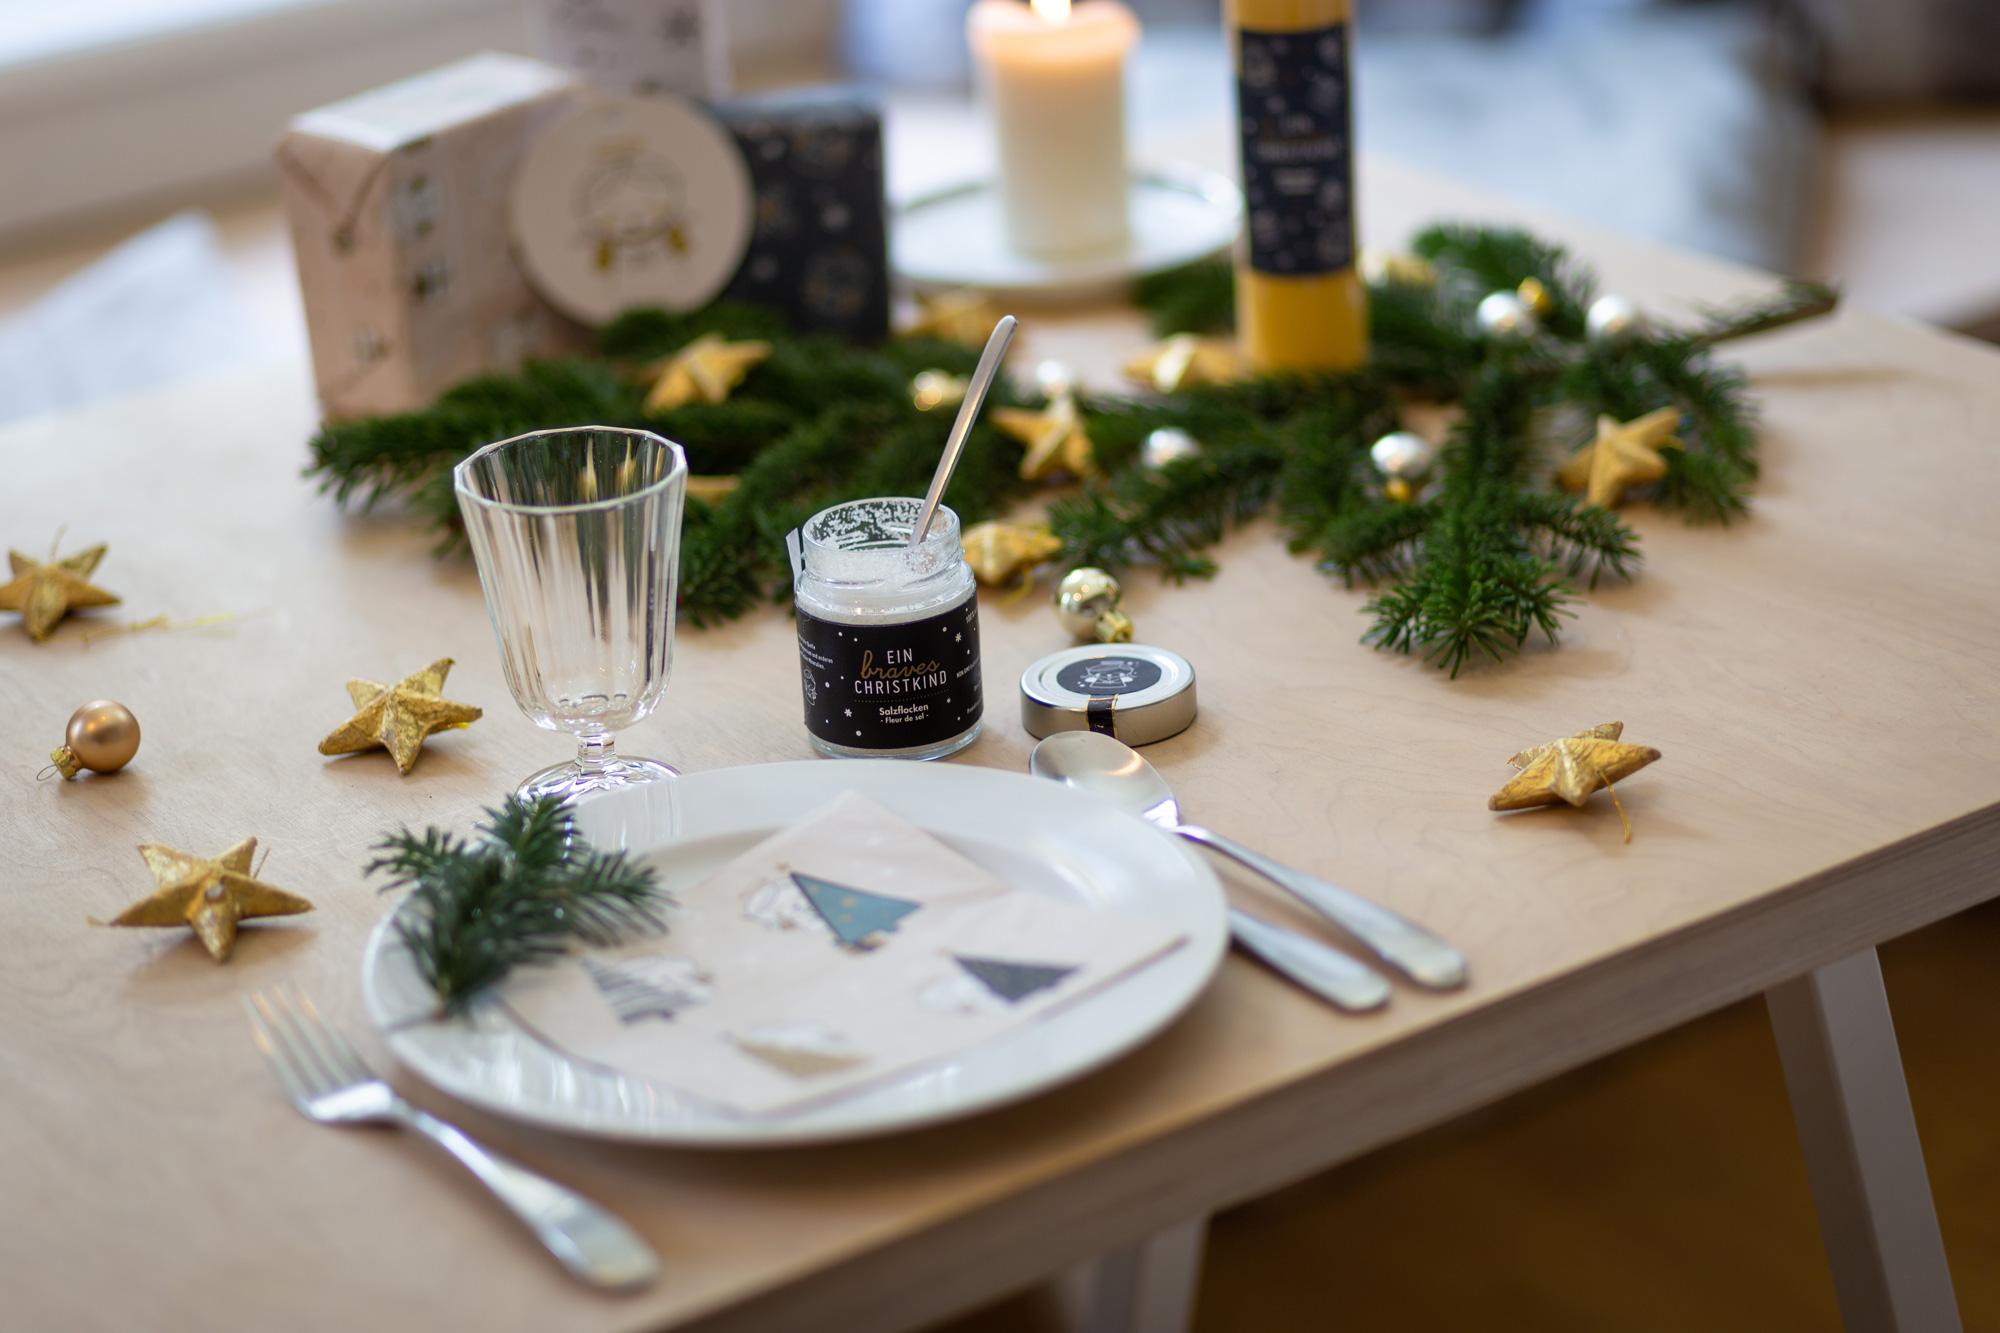 Weihnachtlicher Tisch mit Produkten braves Christkind